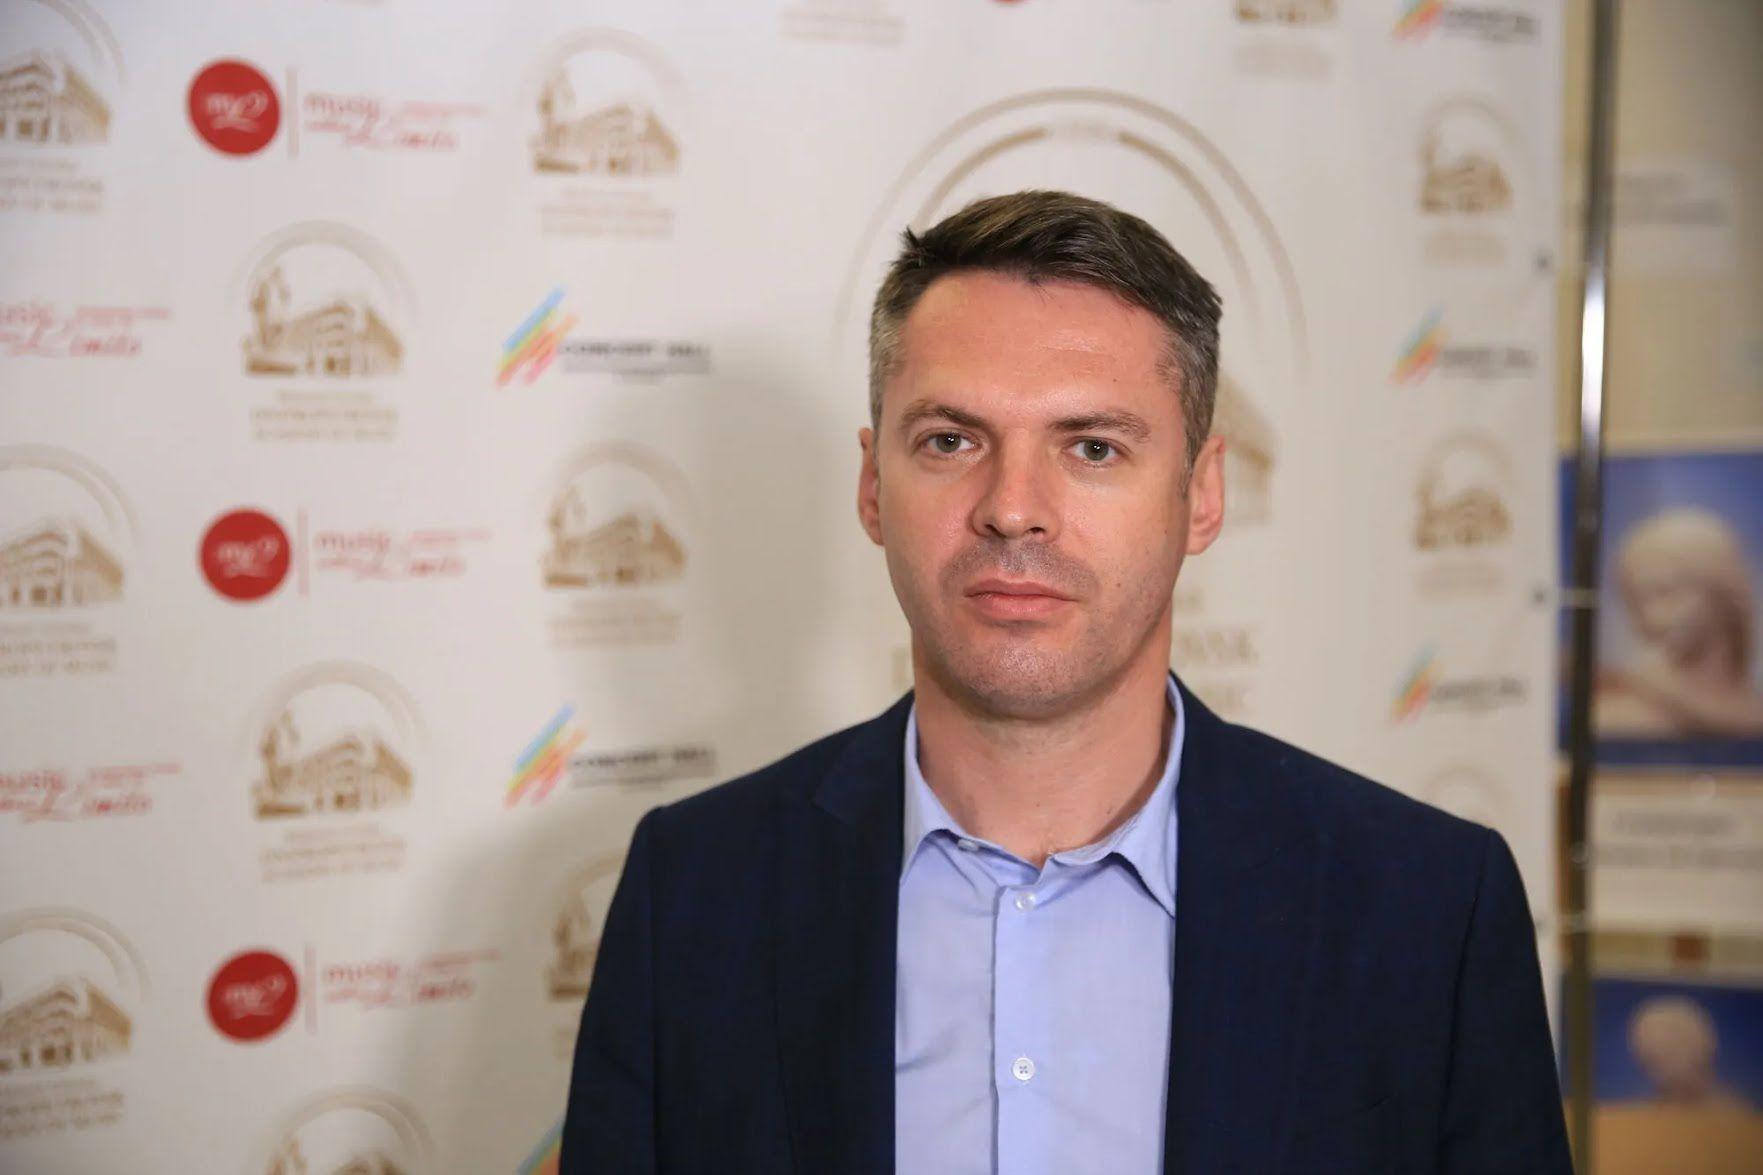 Начальник управления культуры департамента гуманитарной политики Днепровского городского совета Евгений Хорошилов